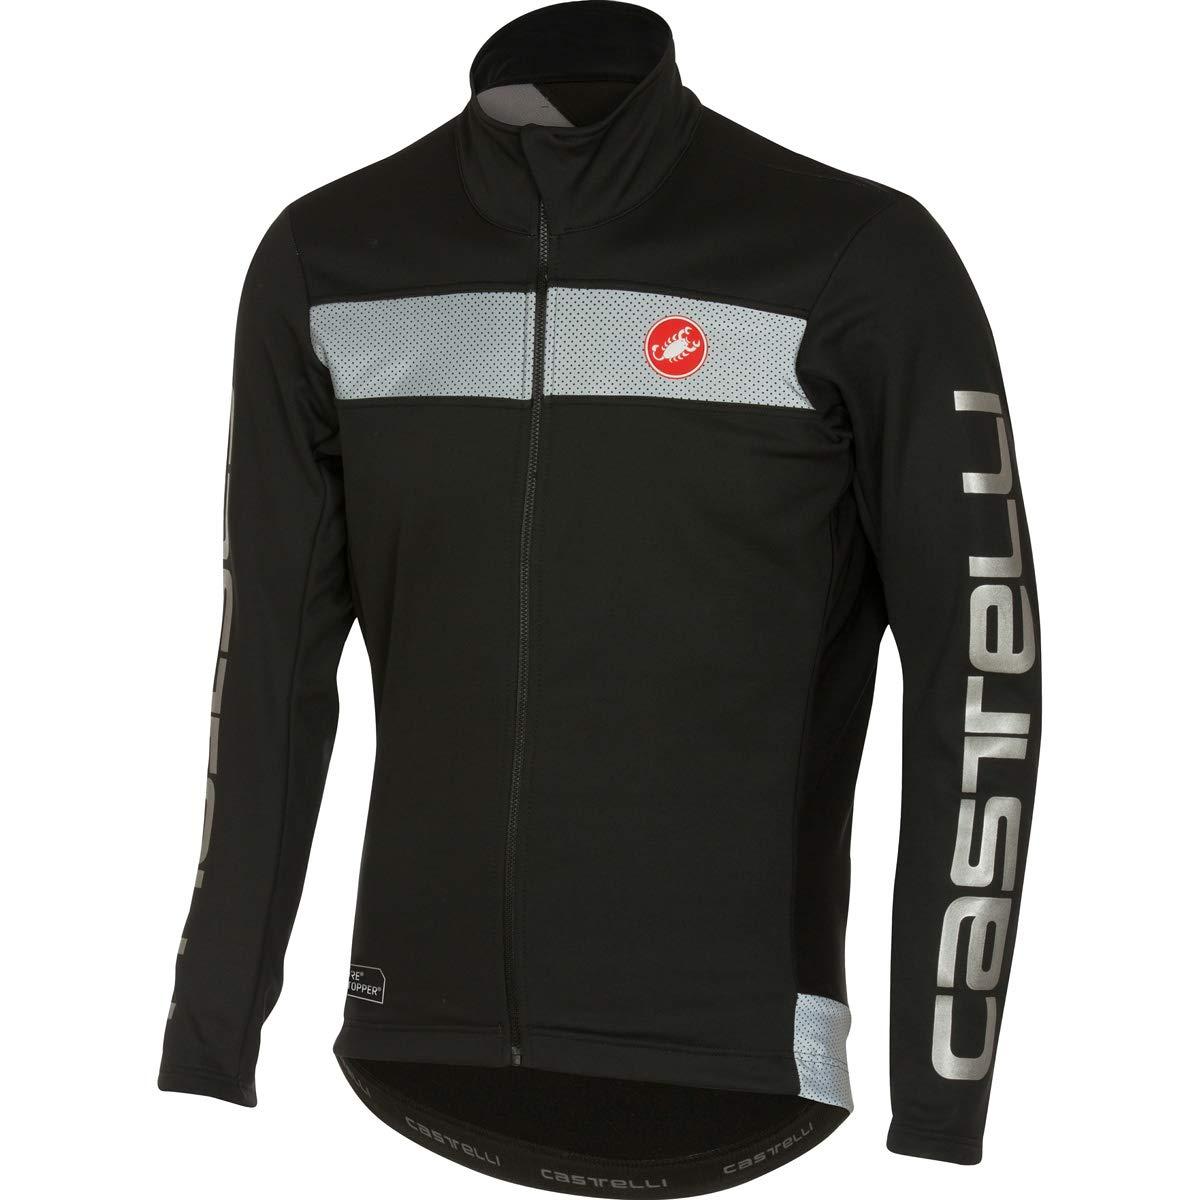 Amazon.com : Castelli Raddoppia Jacket - Mens : Clothing